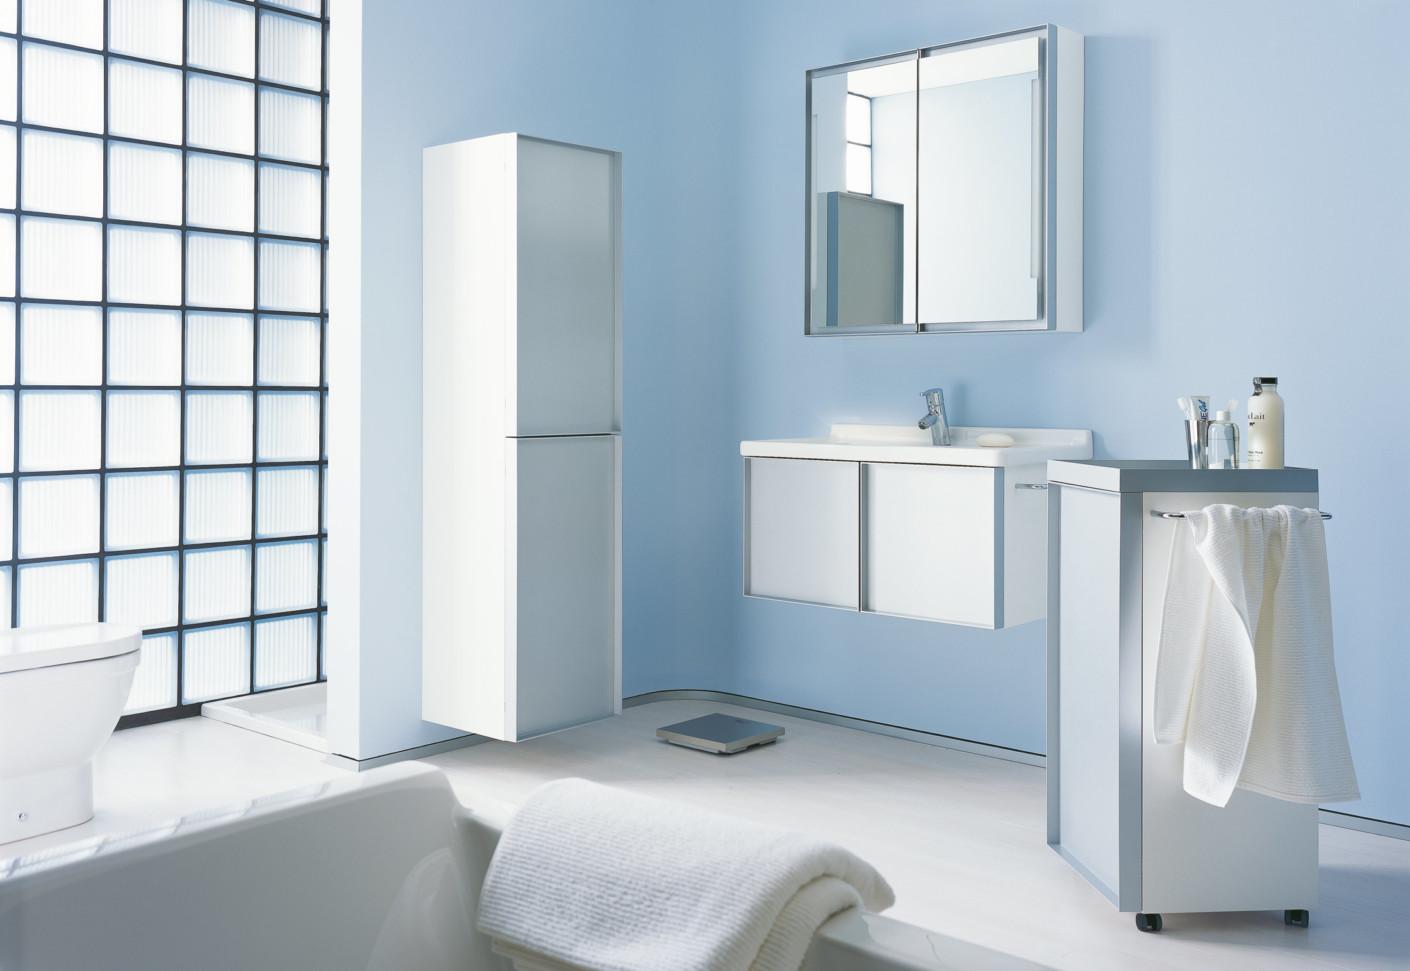 starck 1 2 3 hochschrank von duravit stylepark. Black Bedroom Furniture Sets. Home Design Ideas